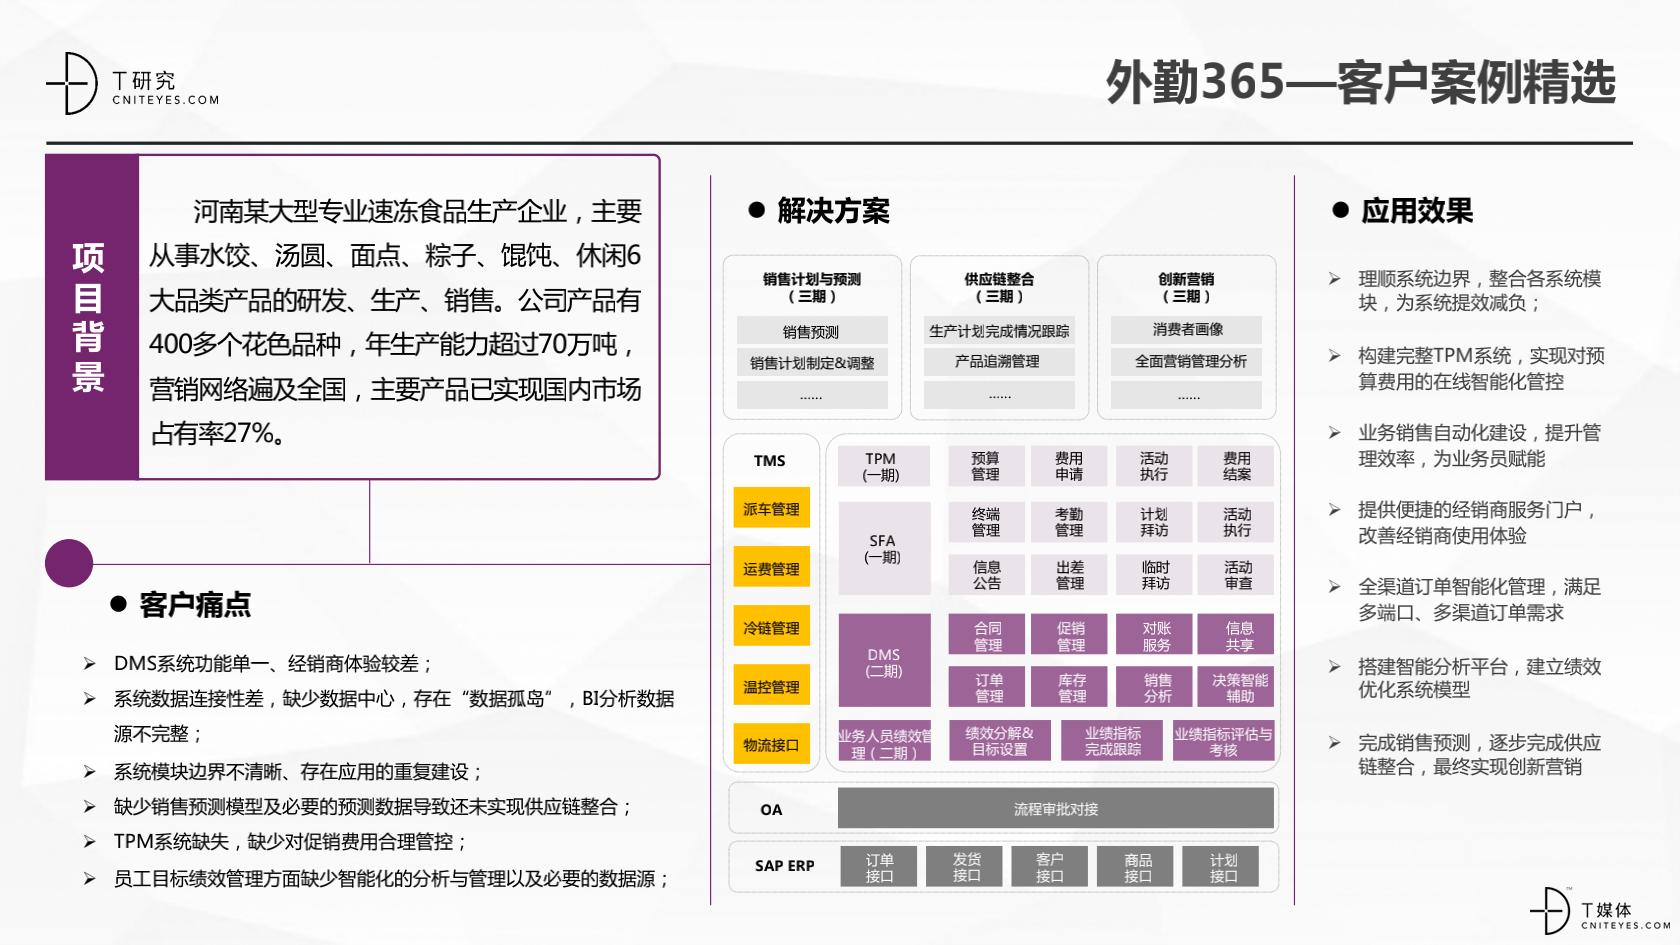 2_2020中国CRM指数测评报告v1.5_42.png